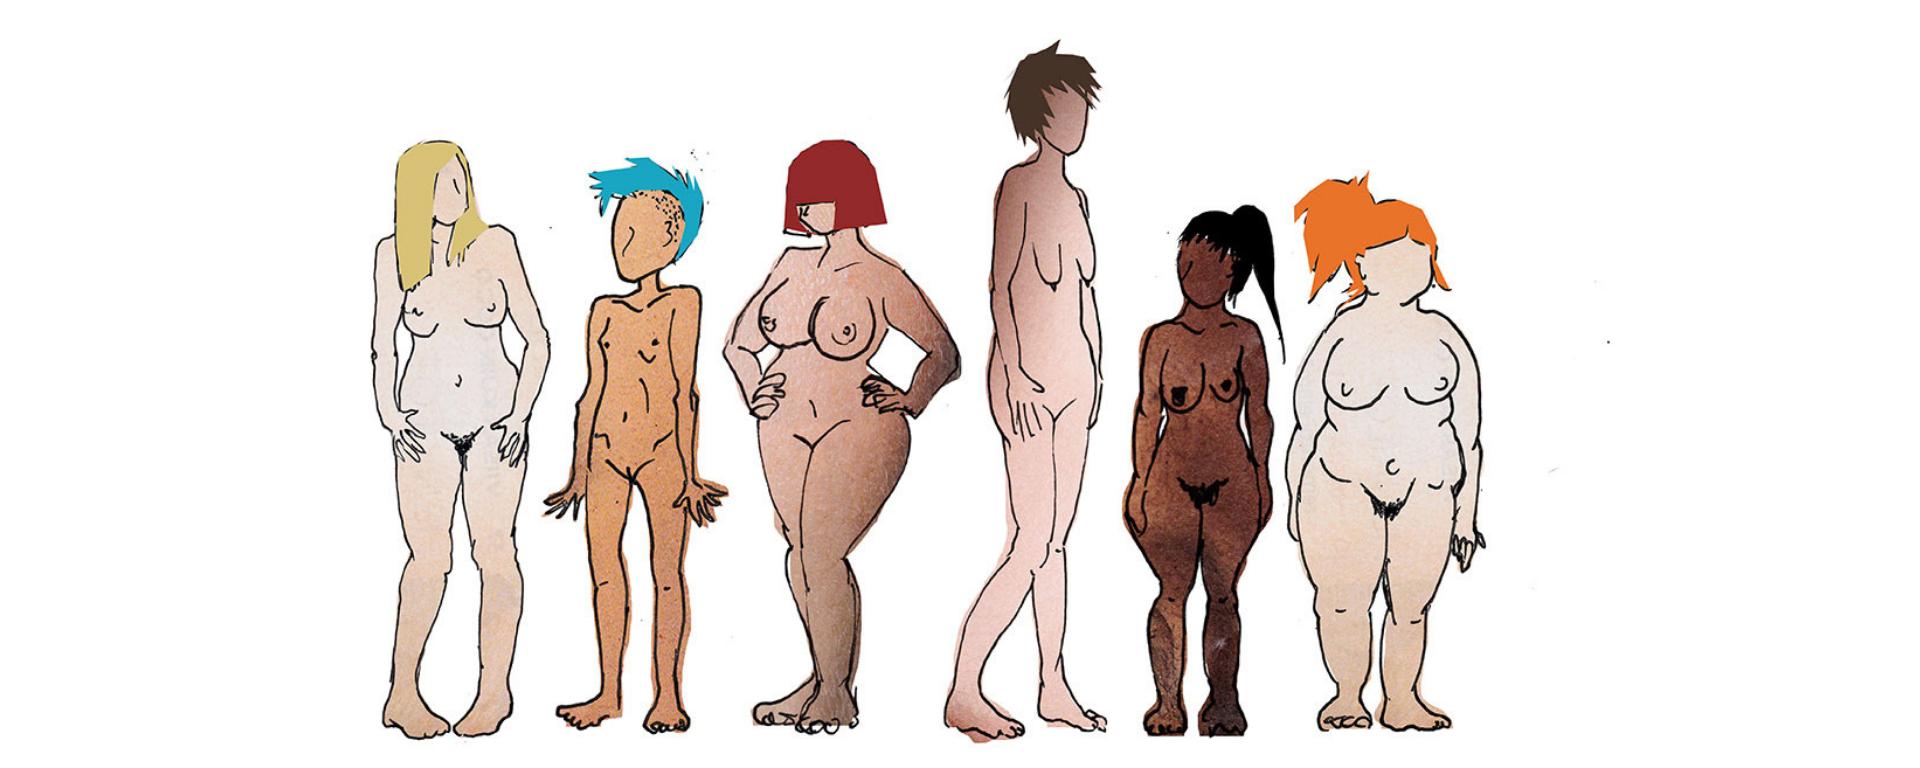 Erikokoisia ja värisiä naisia alasti -piirroskuva.